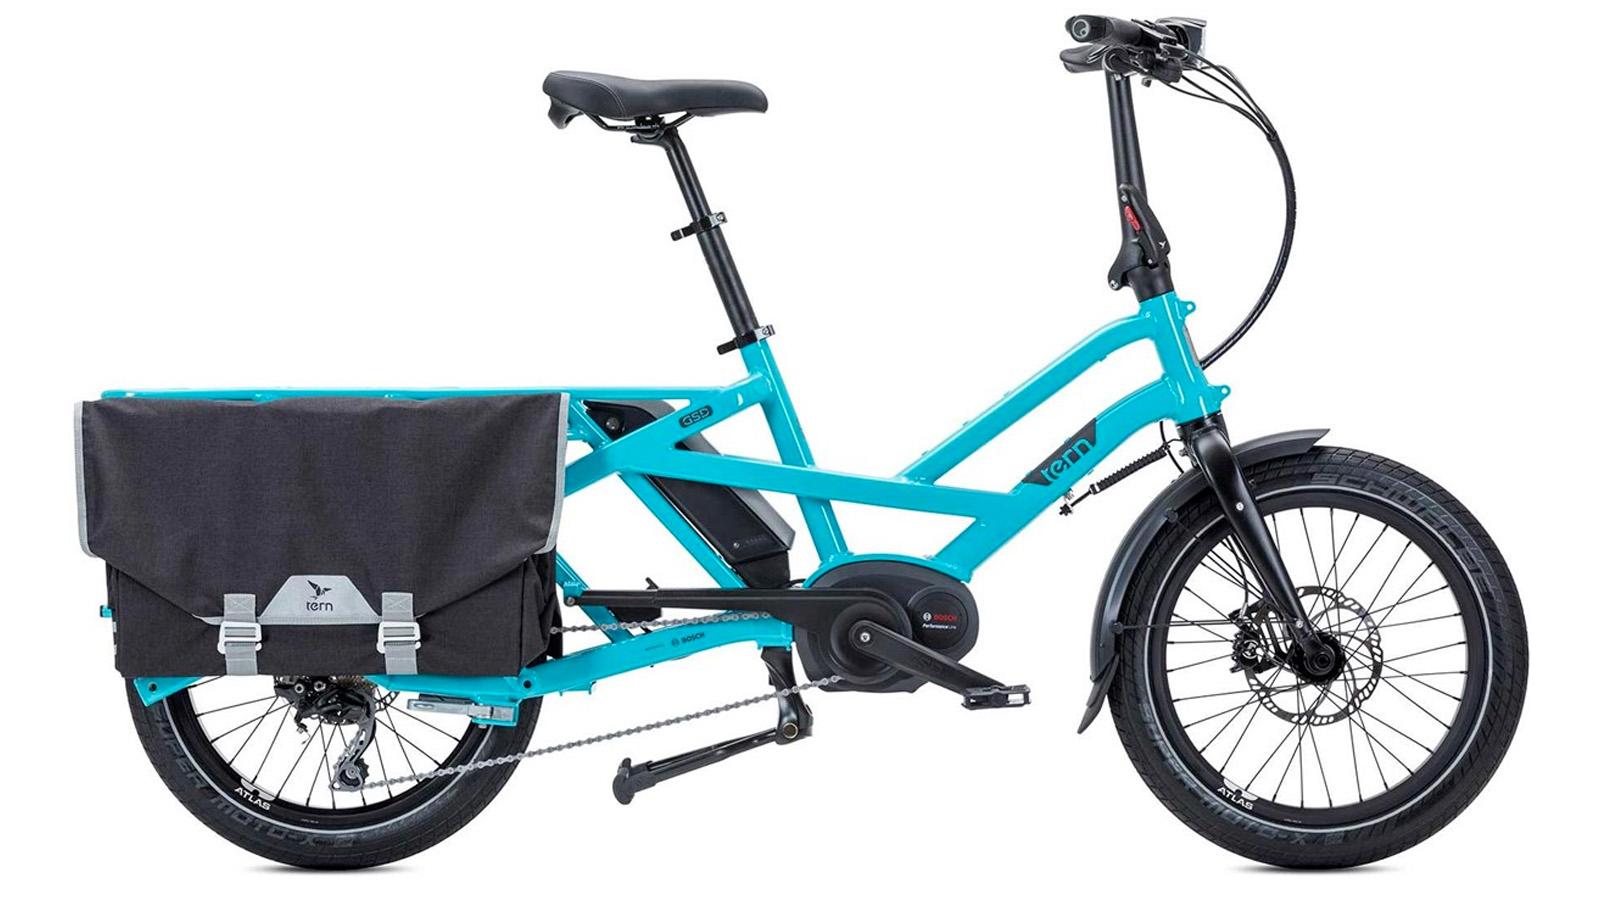 Best commuter bike: Tern GSD S10